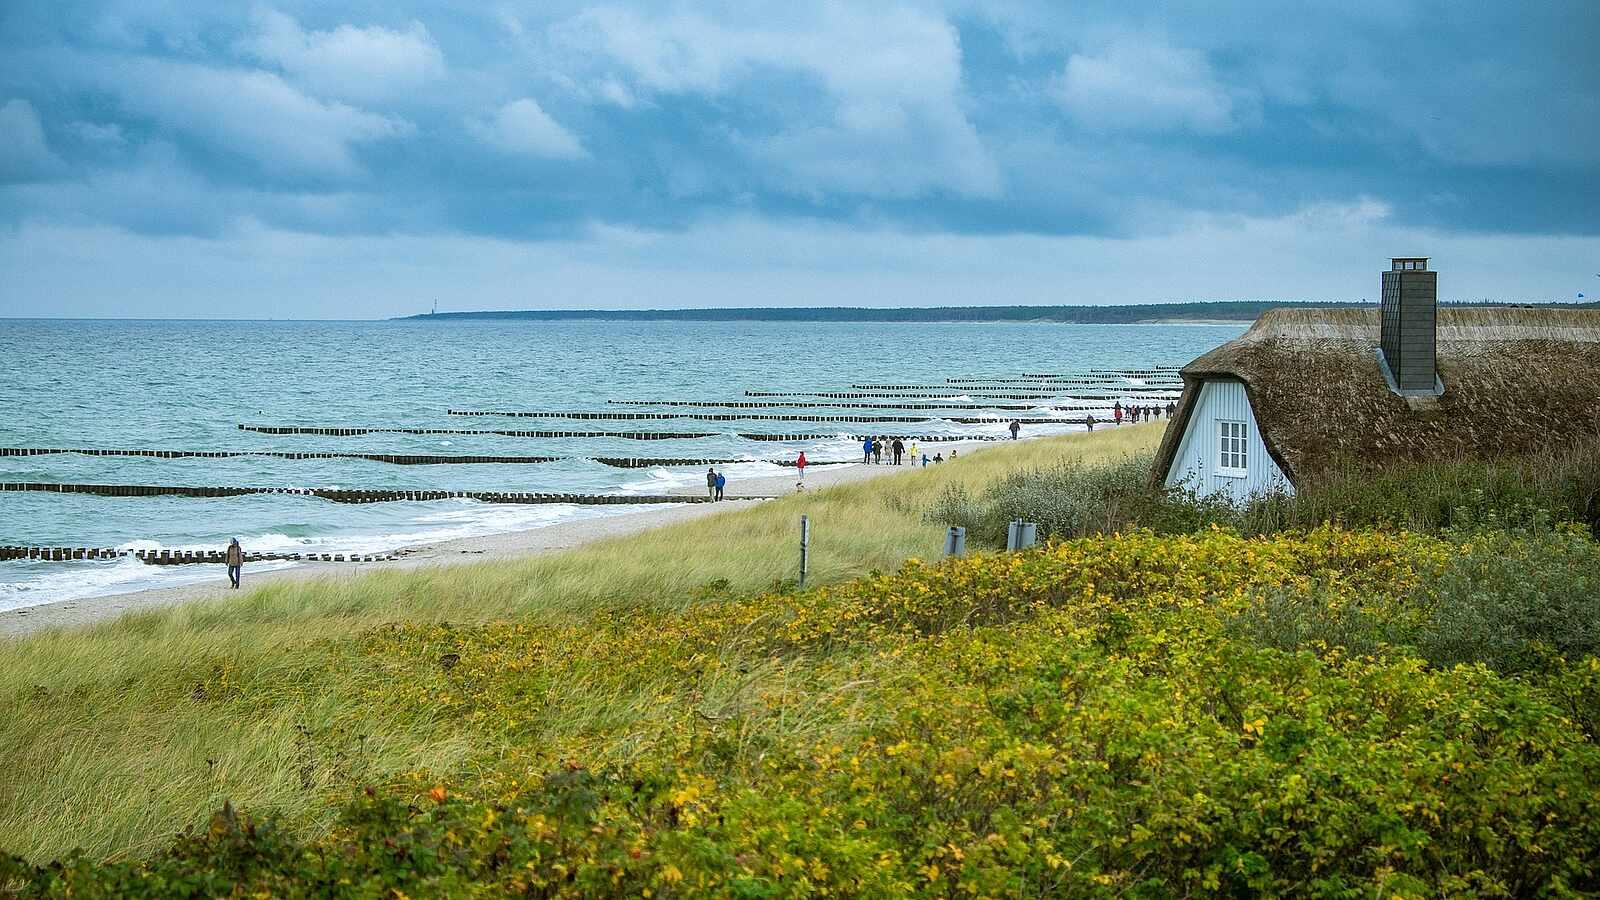 Küste von Ahrenshoop in Mecklenburg-Vorpommern